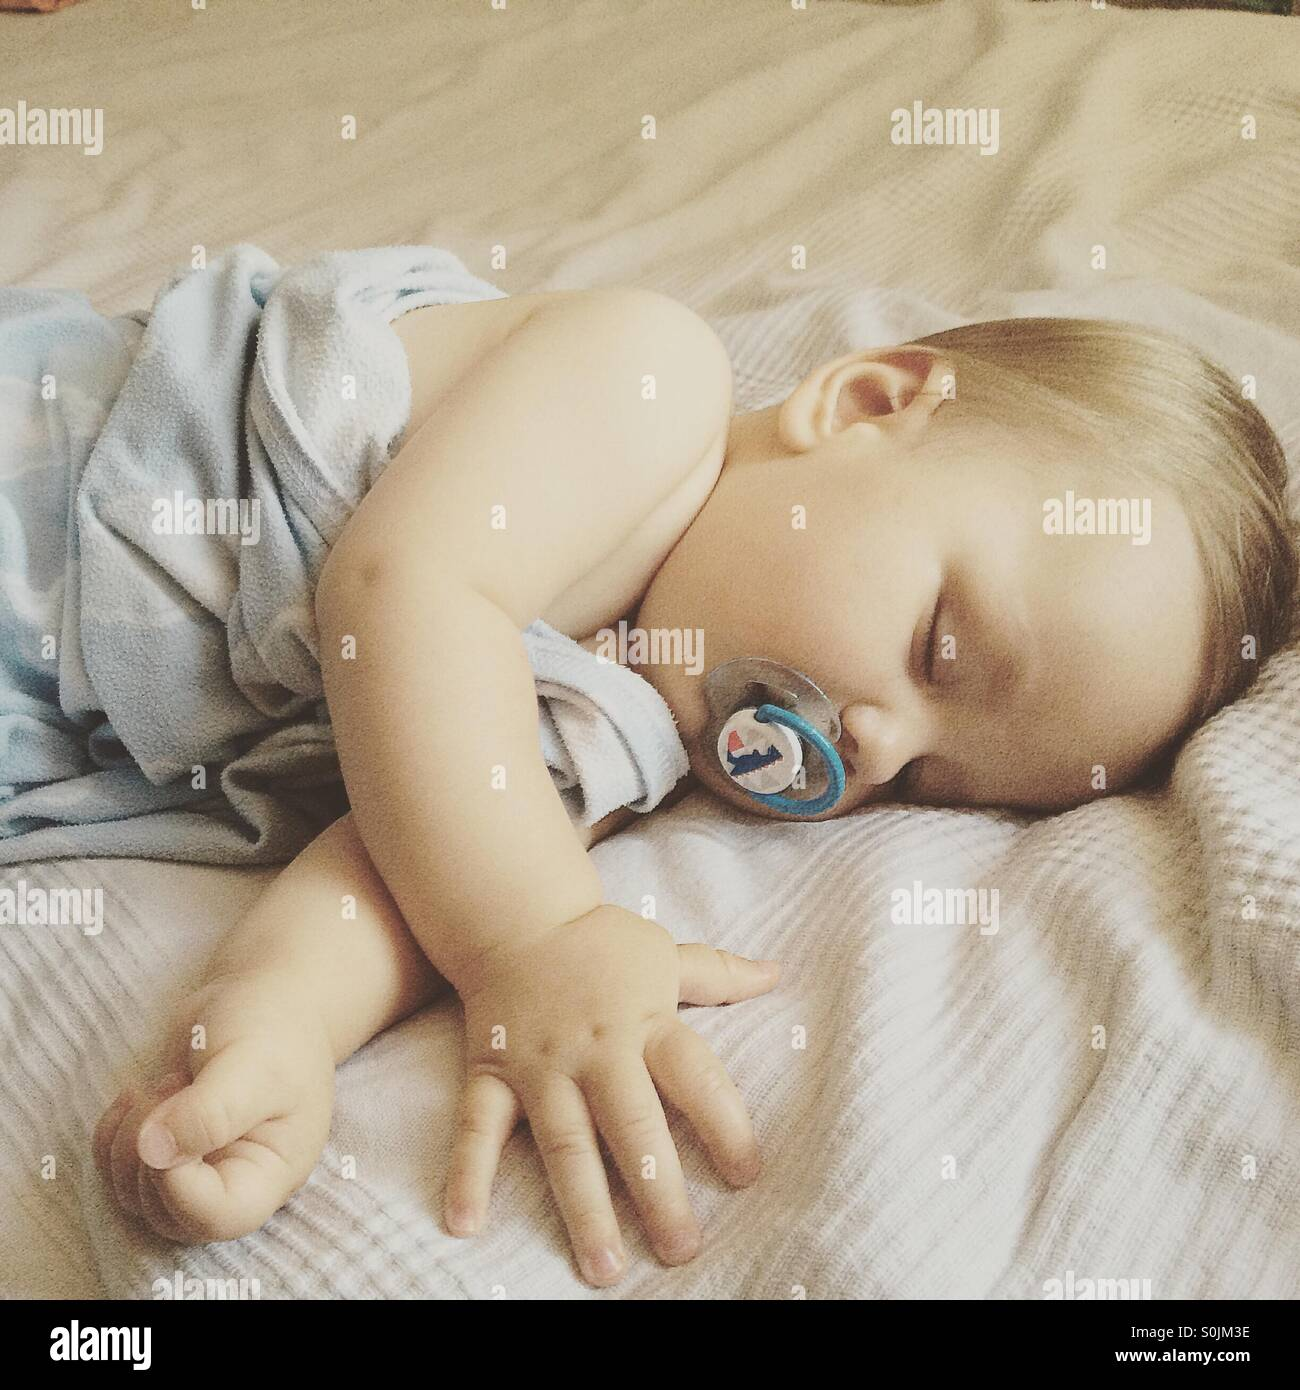 8 mes de edad Baby Boy durmiendo pacíficamente en un caluroso día de verano en la cama con sus padres, Imagen De Stock